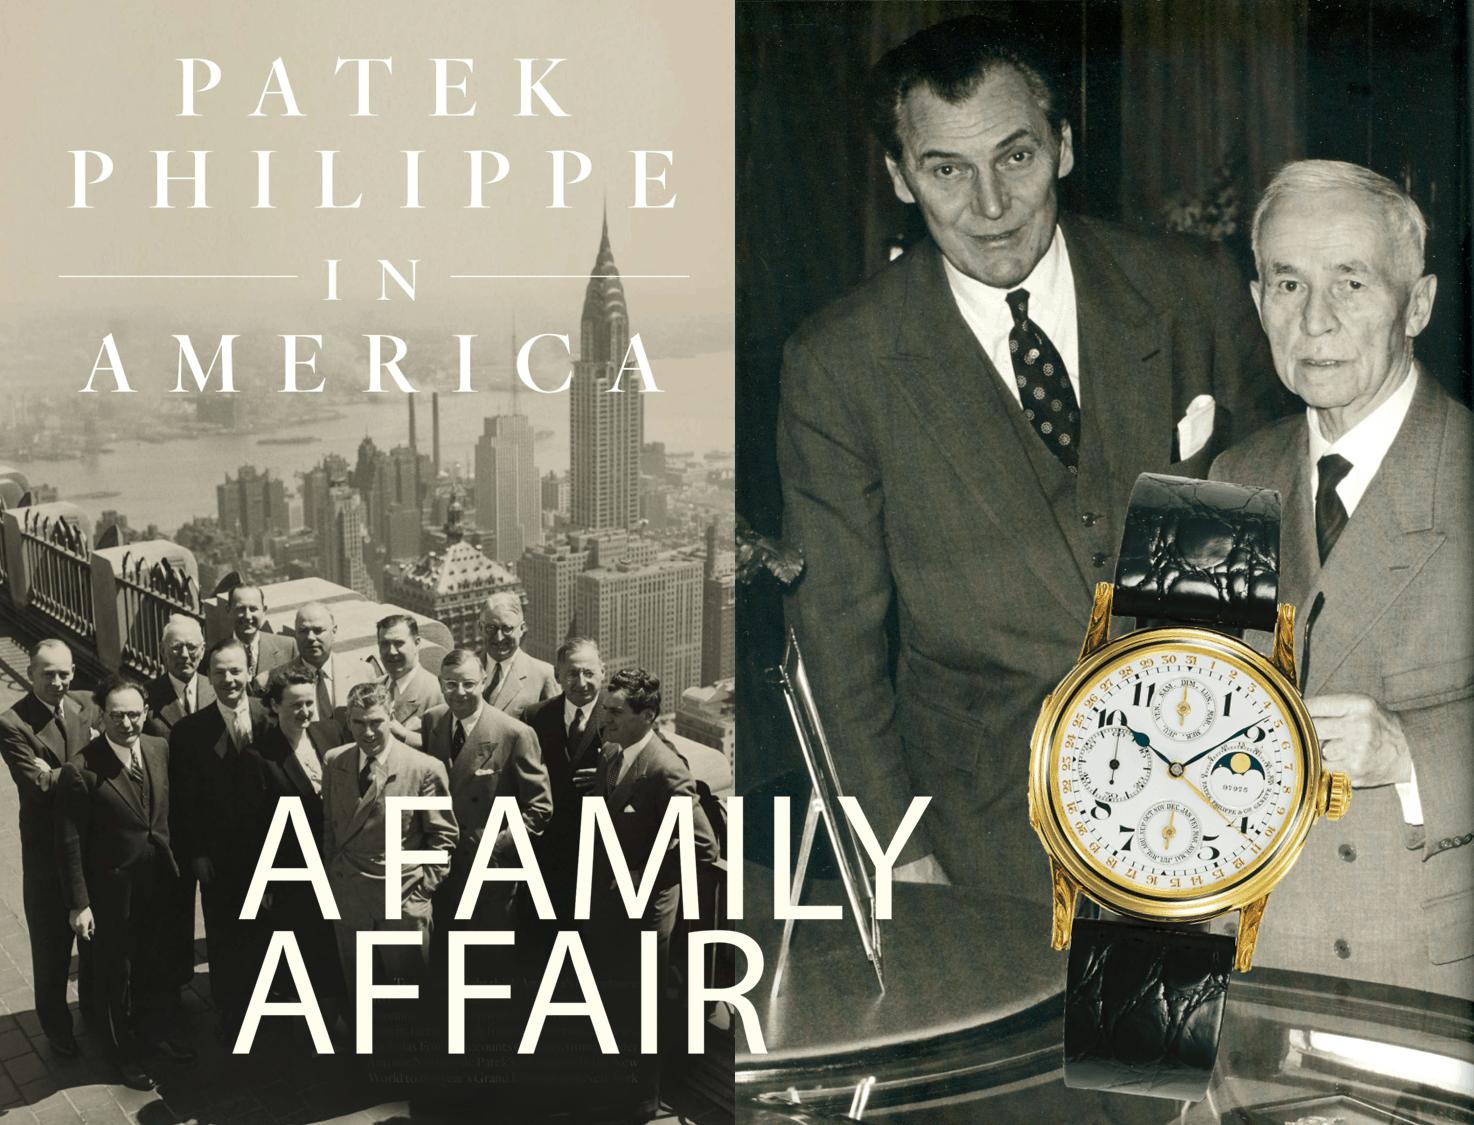 Geschichte von Patek Philippe Family affairs II